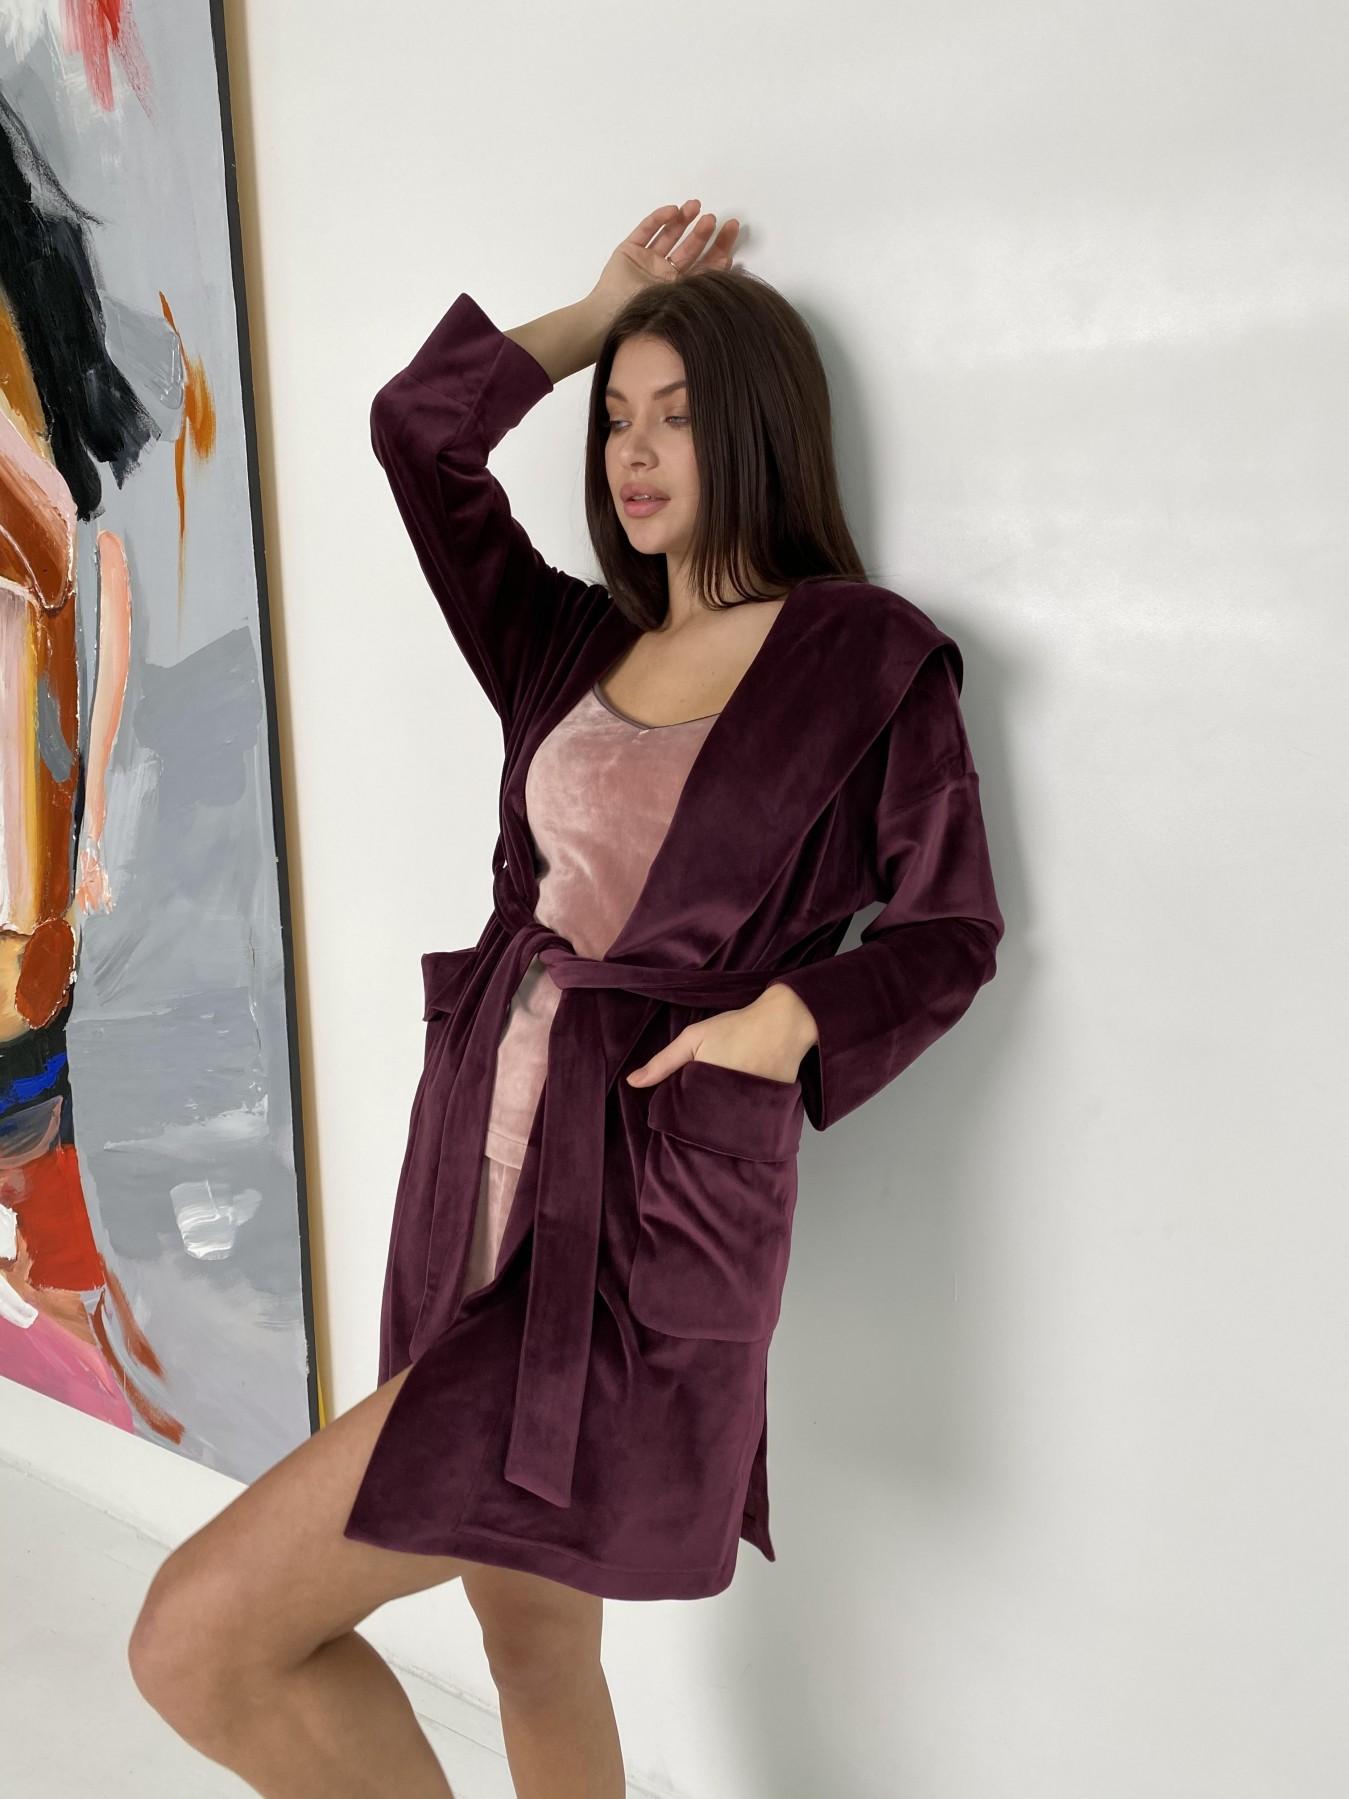 Фабьен халат из  велюровой ткани  10483 АРТ. 46840 Цвет: Марсала - фото 3, интернет магазин tm-modus.ru